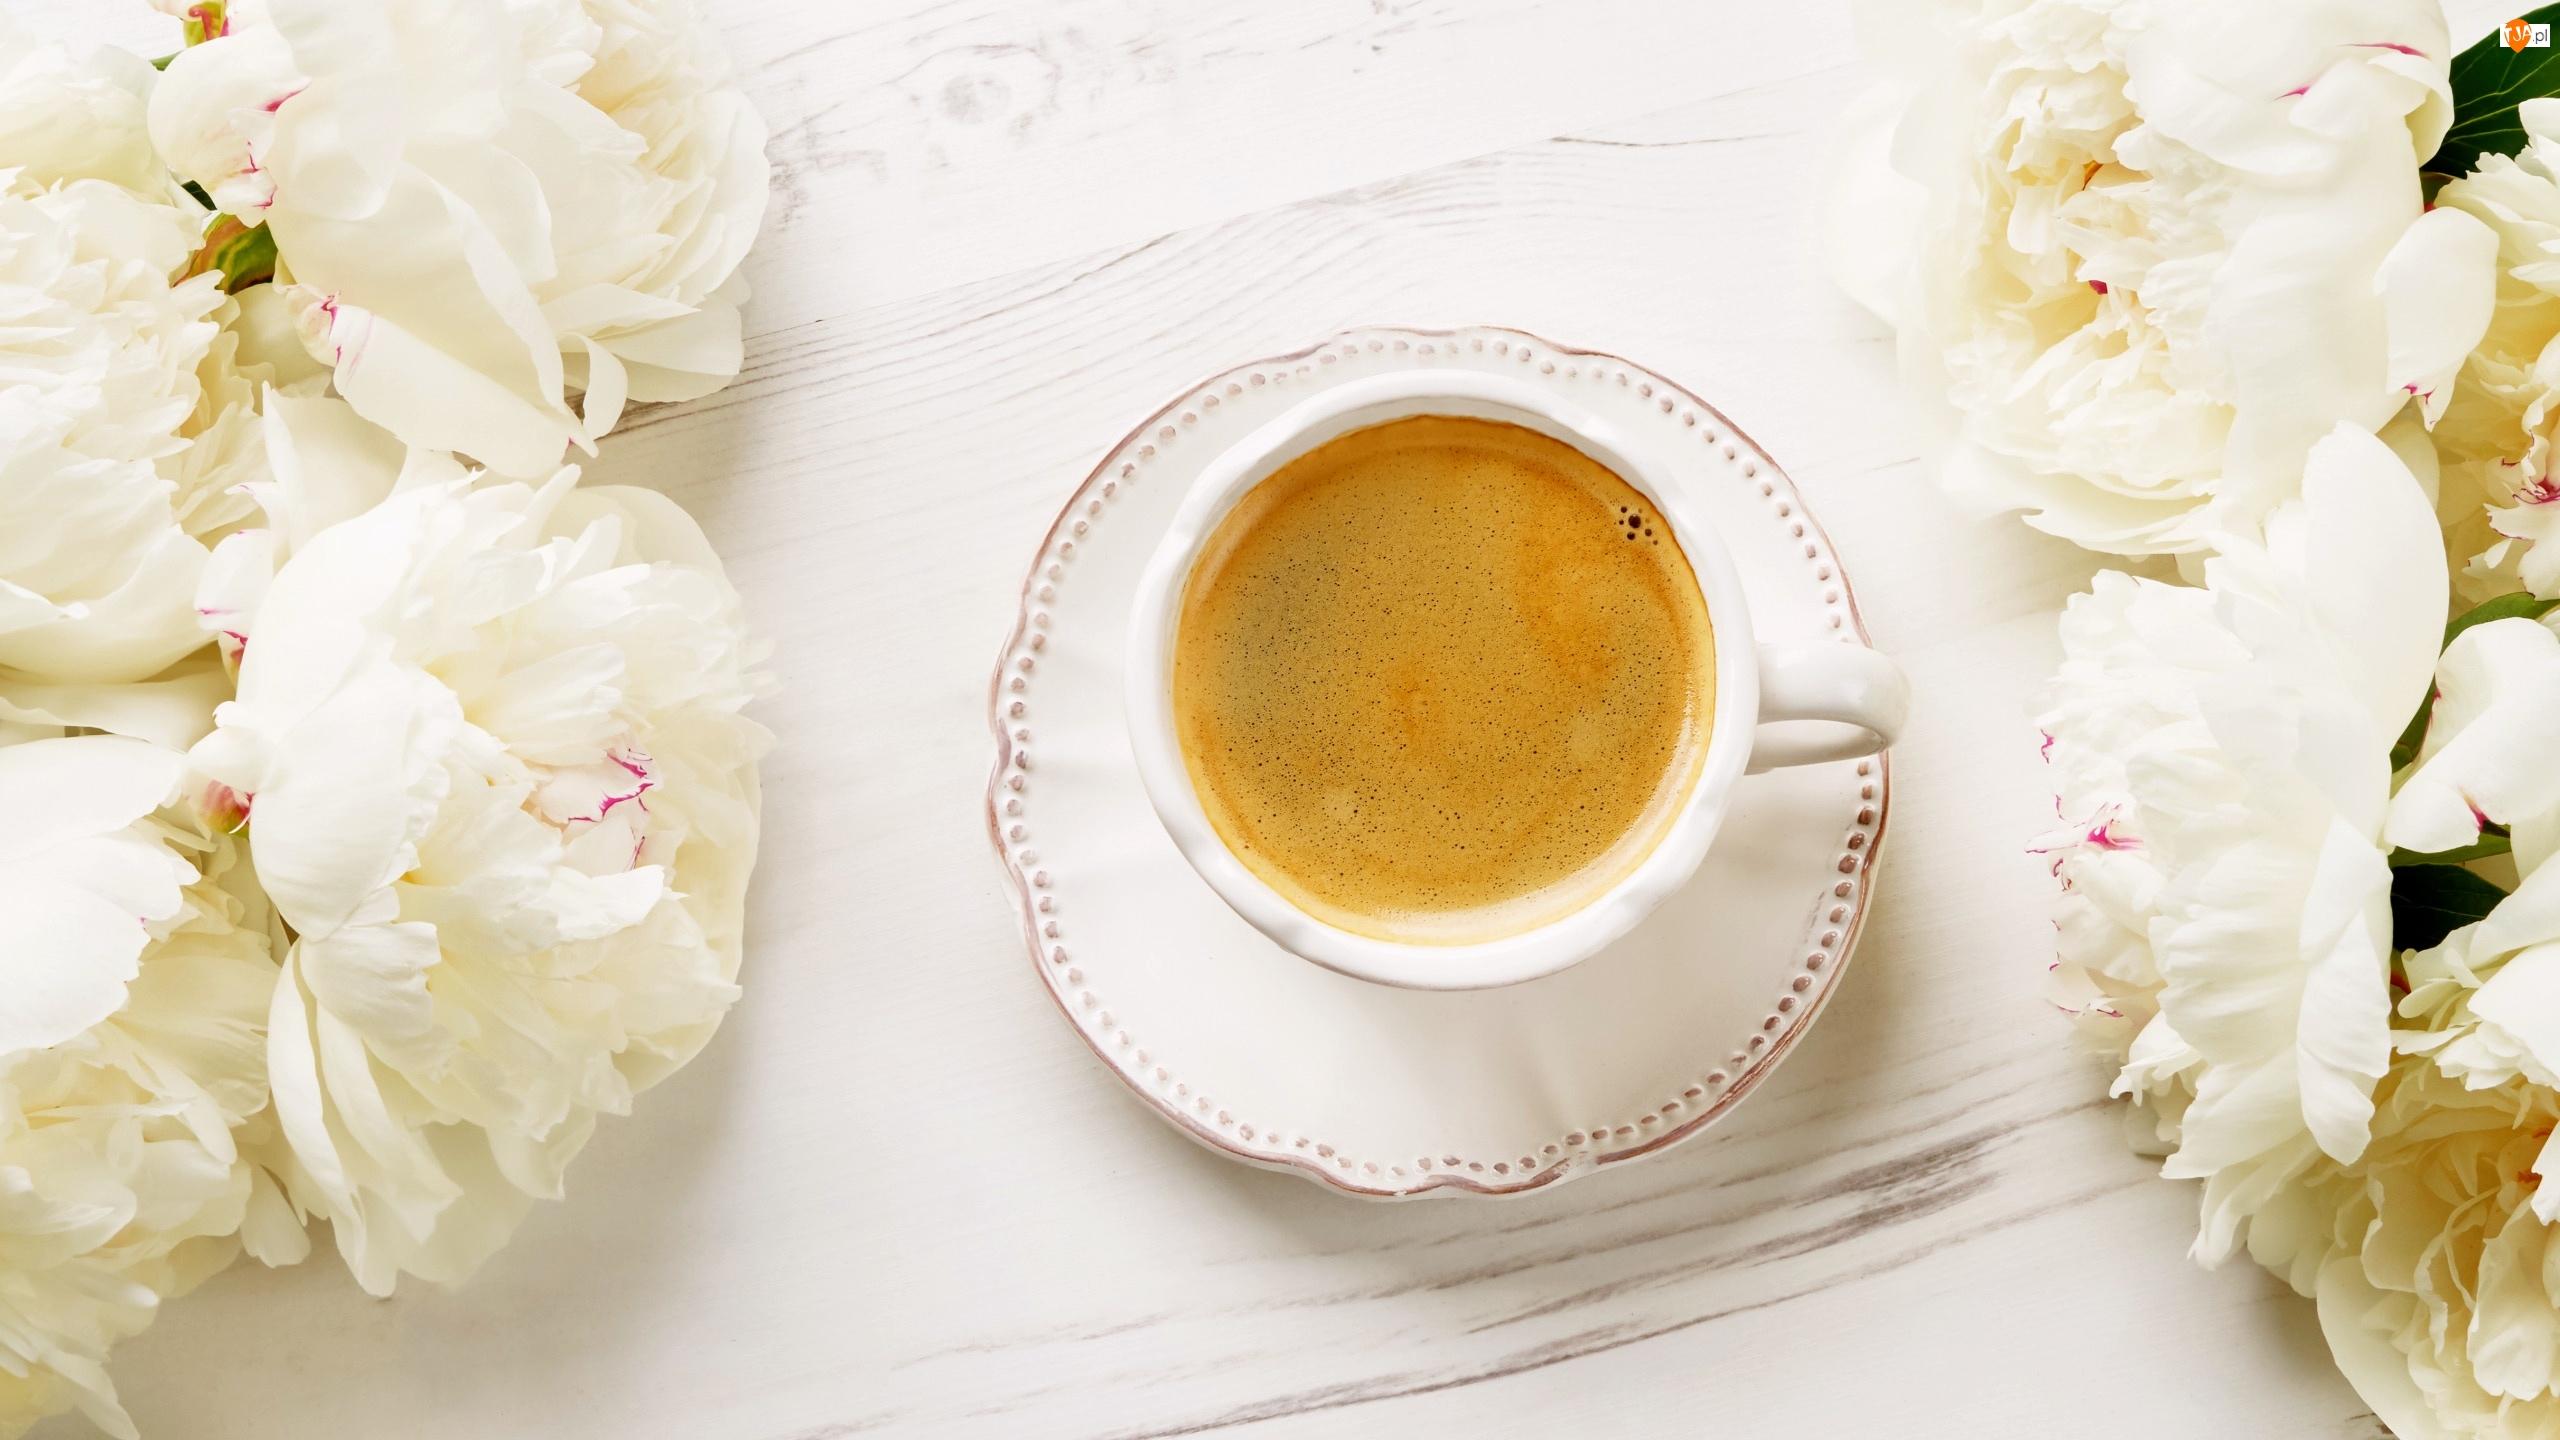 Filiżanka, Kawa, Kwiaty, Piwonie, Talerzyk, Białe